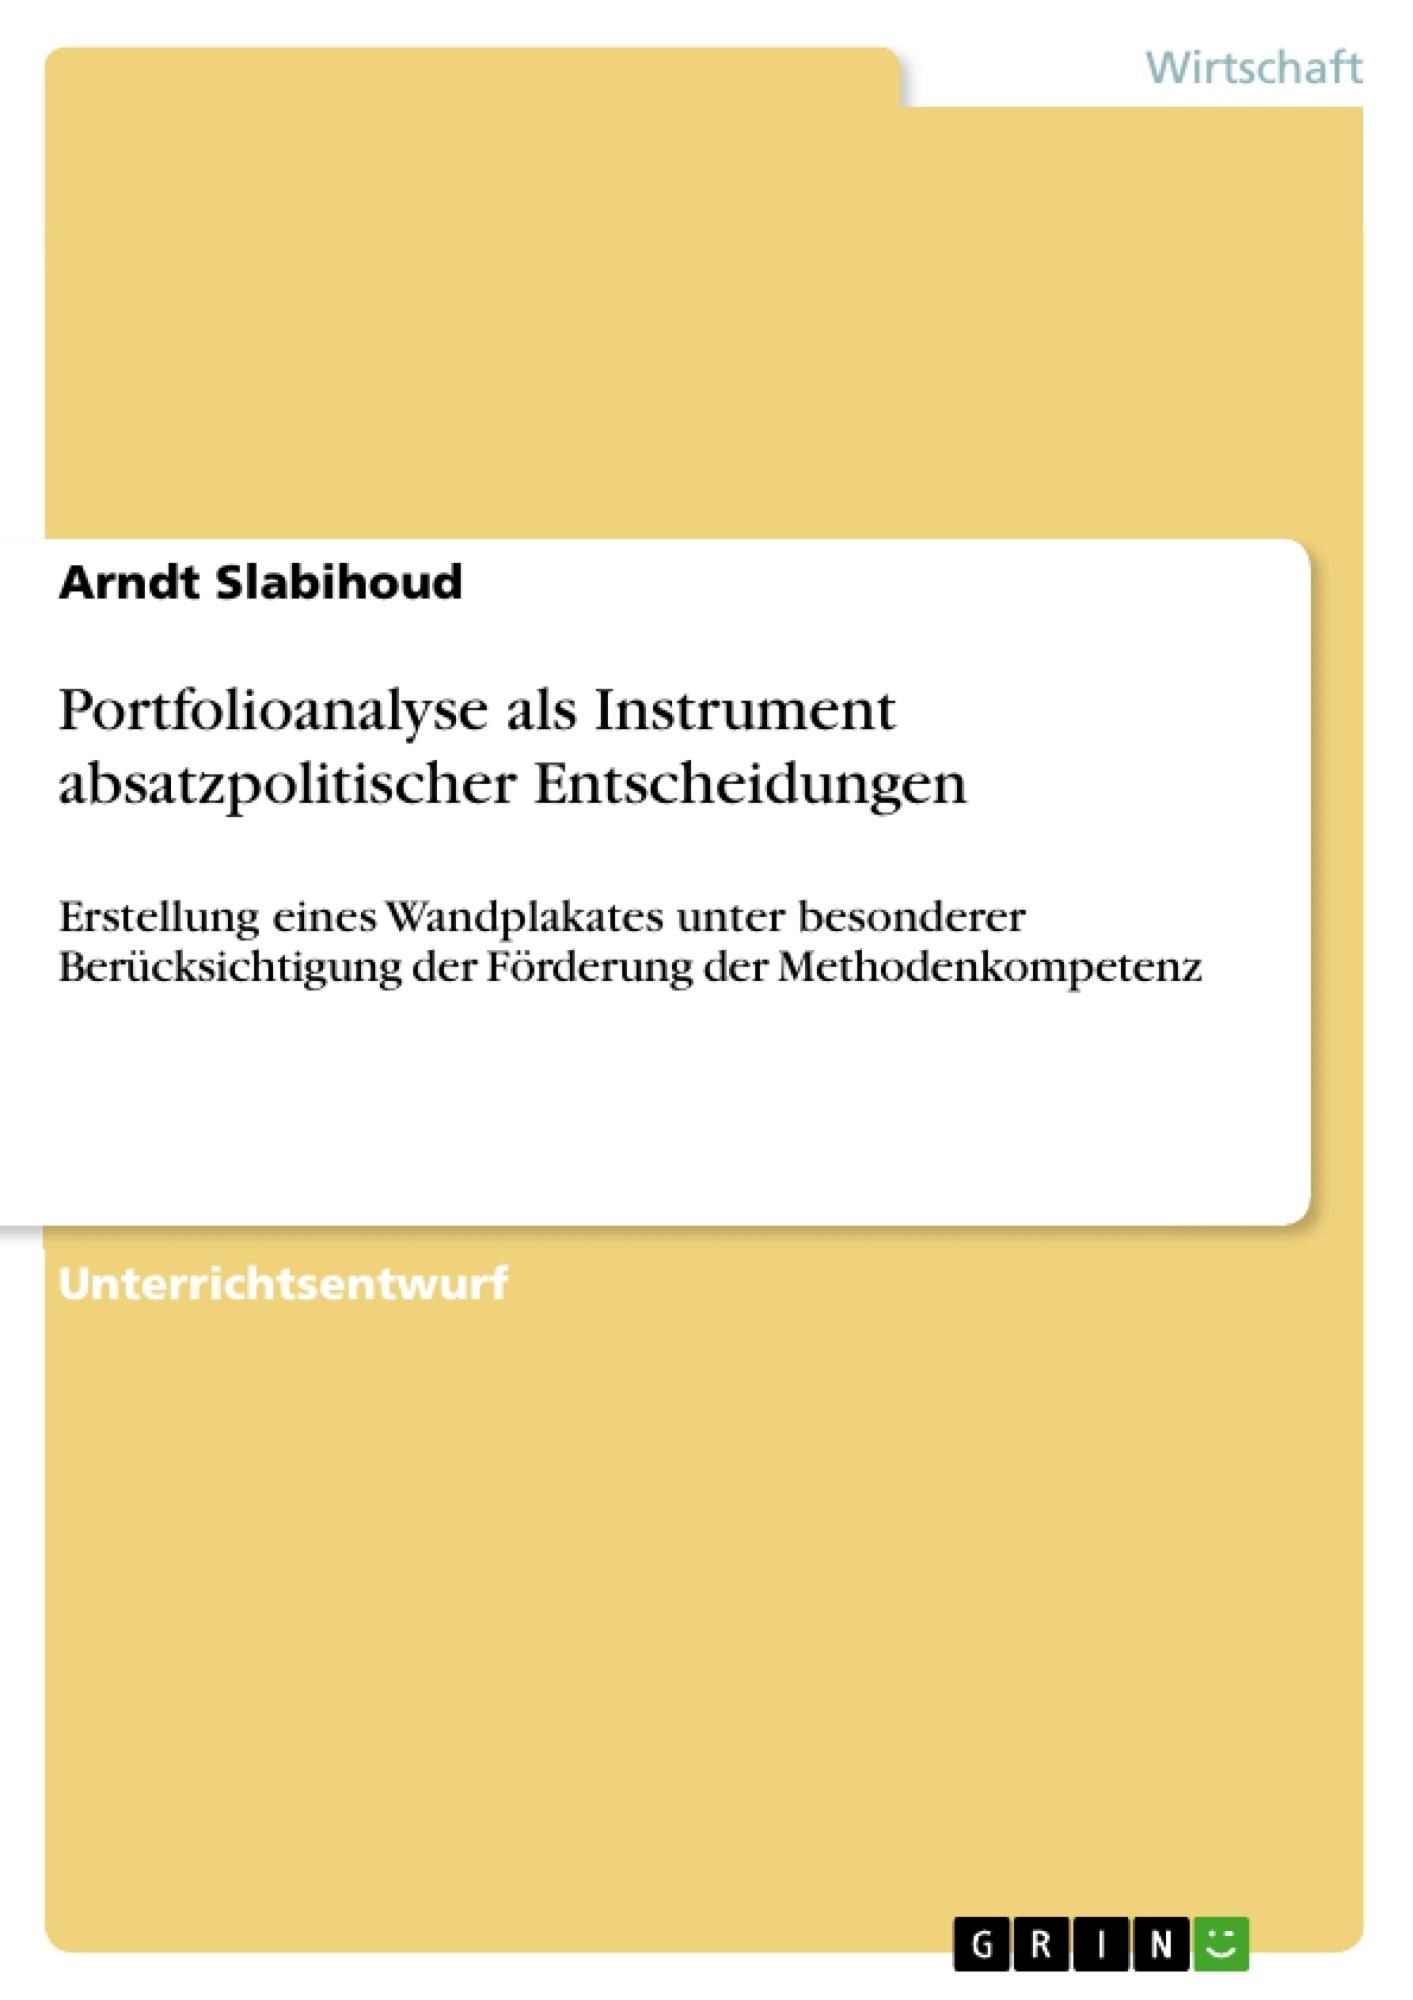 Titel: Portfolioanalyse als Instrument absatzpolitischer Entscheidungen